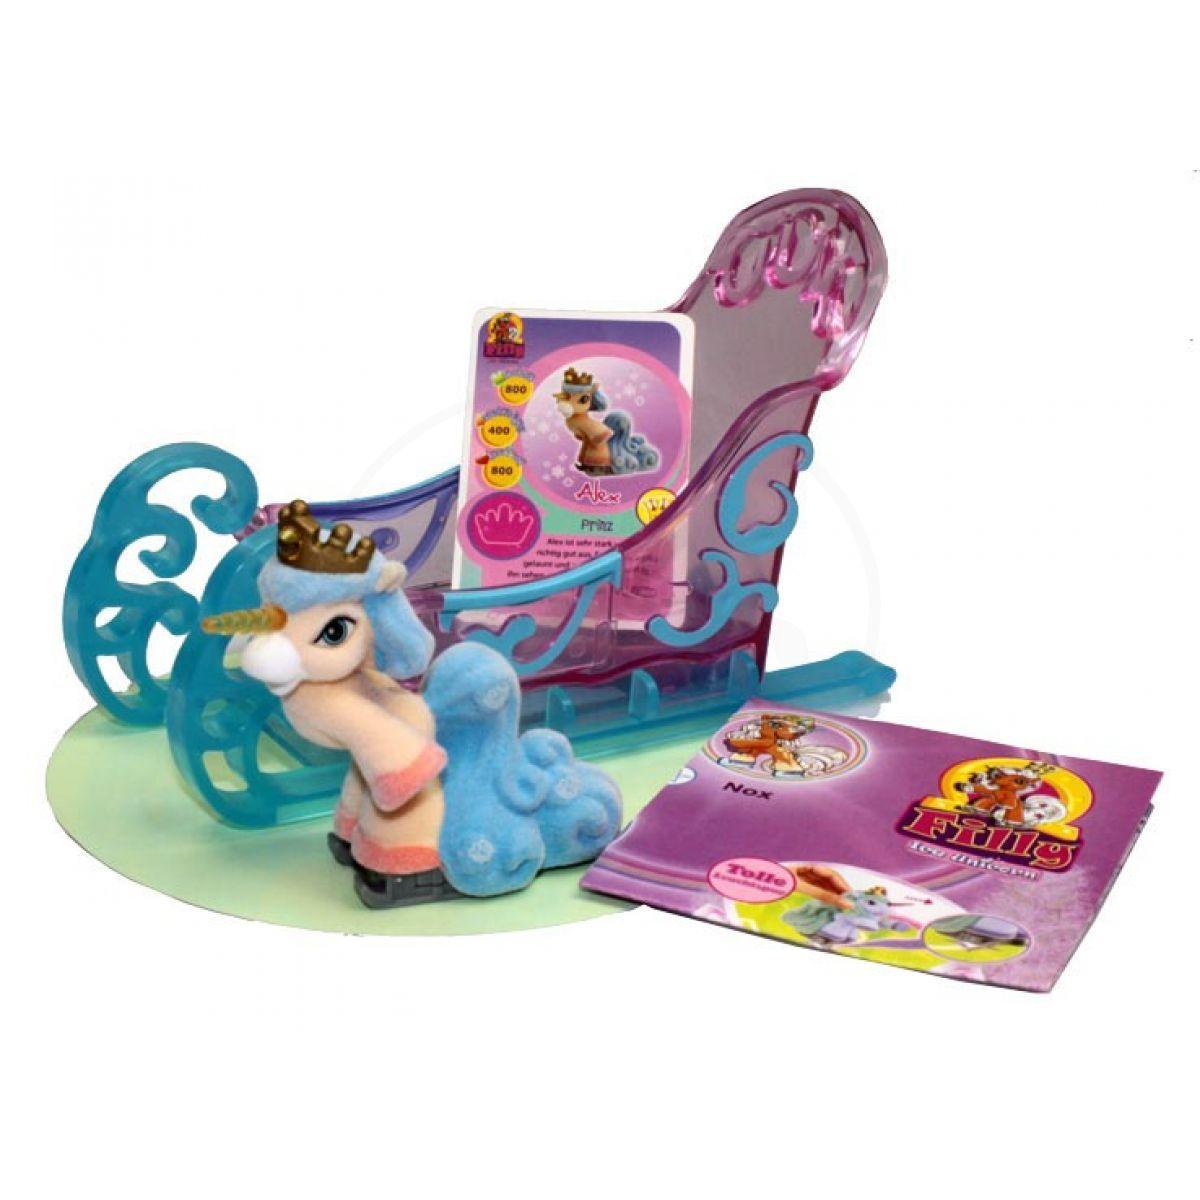 Ep Line Filly Ice Unicorn saně